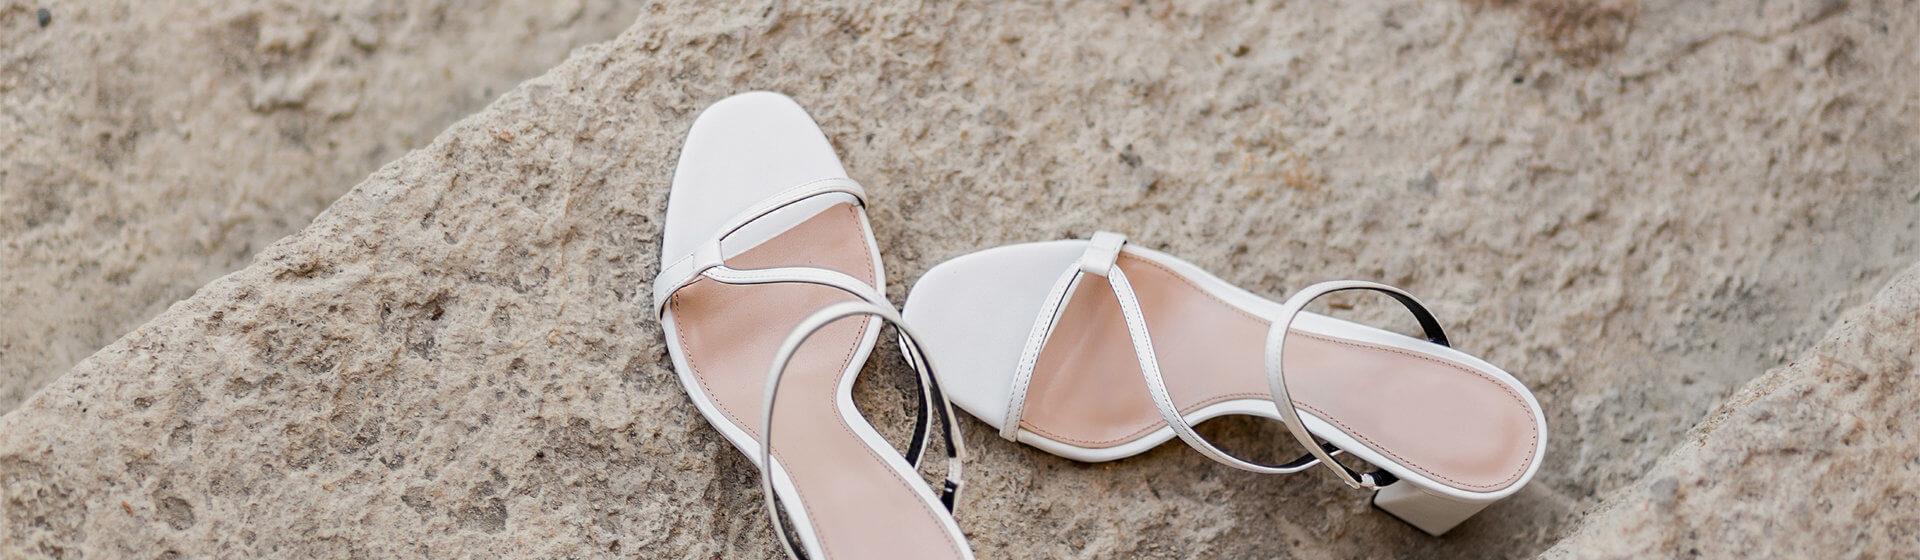 Strappy Sandals stylen, Sommer Trendschuh 2019, Riemchensandalen, Shoelove by Deichmann